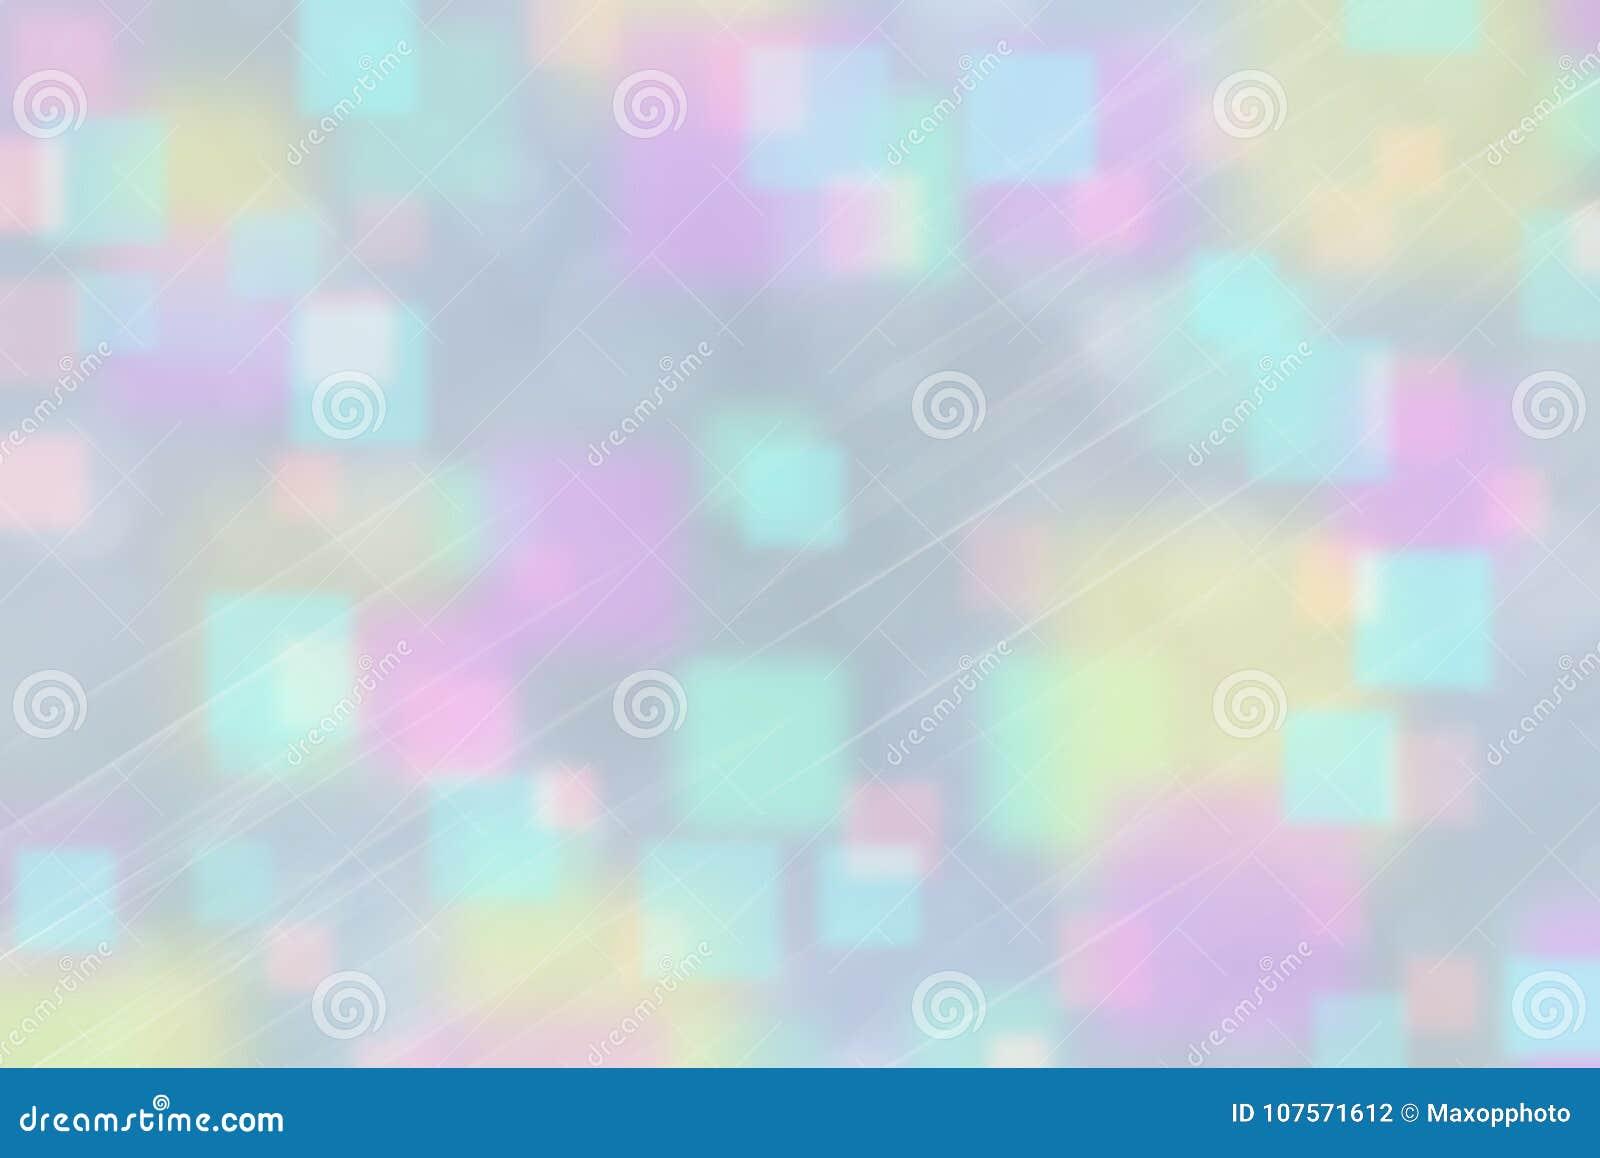 Bokeh摘要迷离五颜六色的背景 defocused光